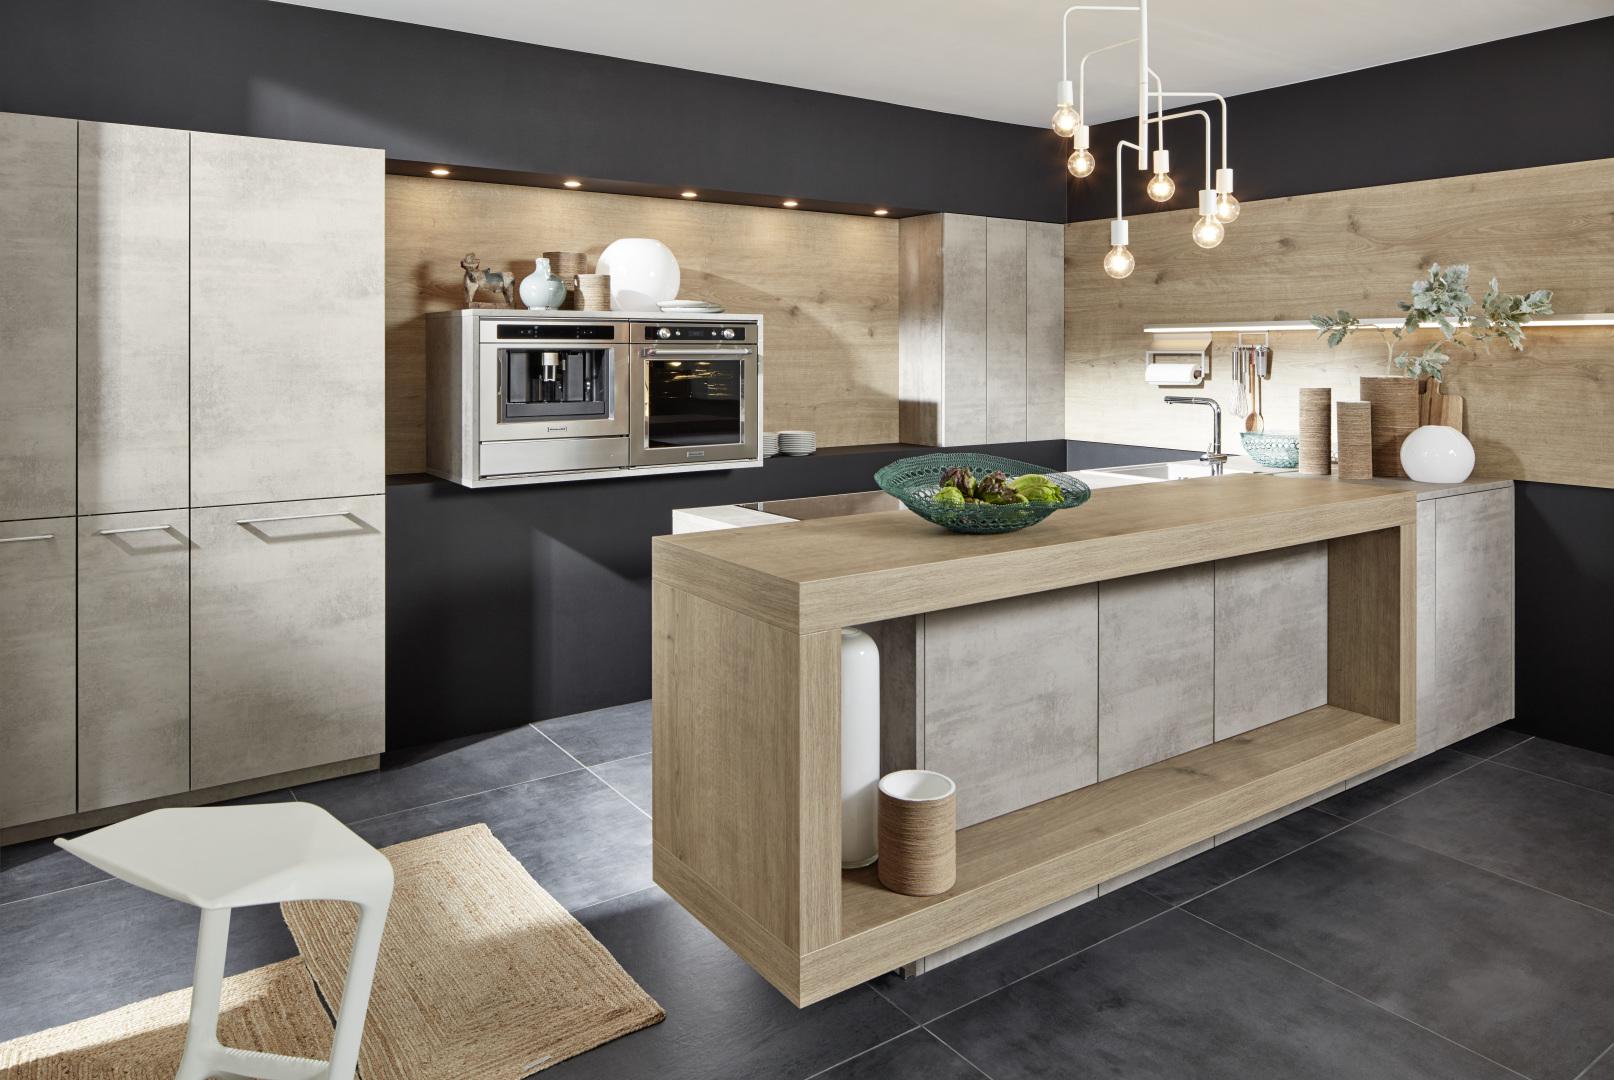 Style béton et scandinave pour une cuisine unique avec îlot central moderne